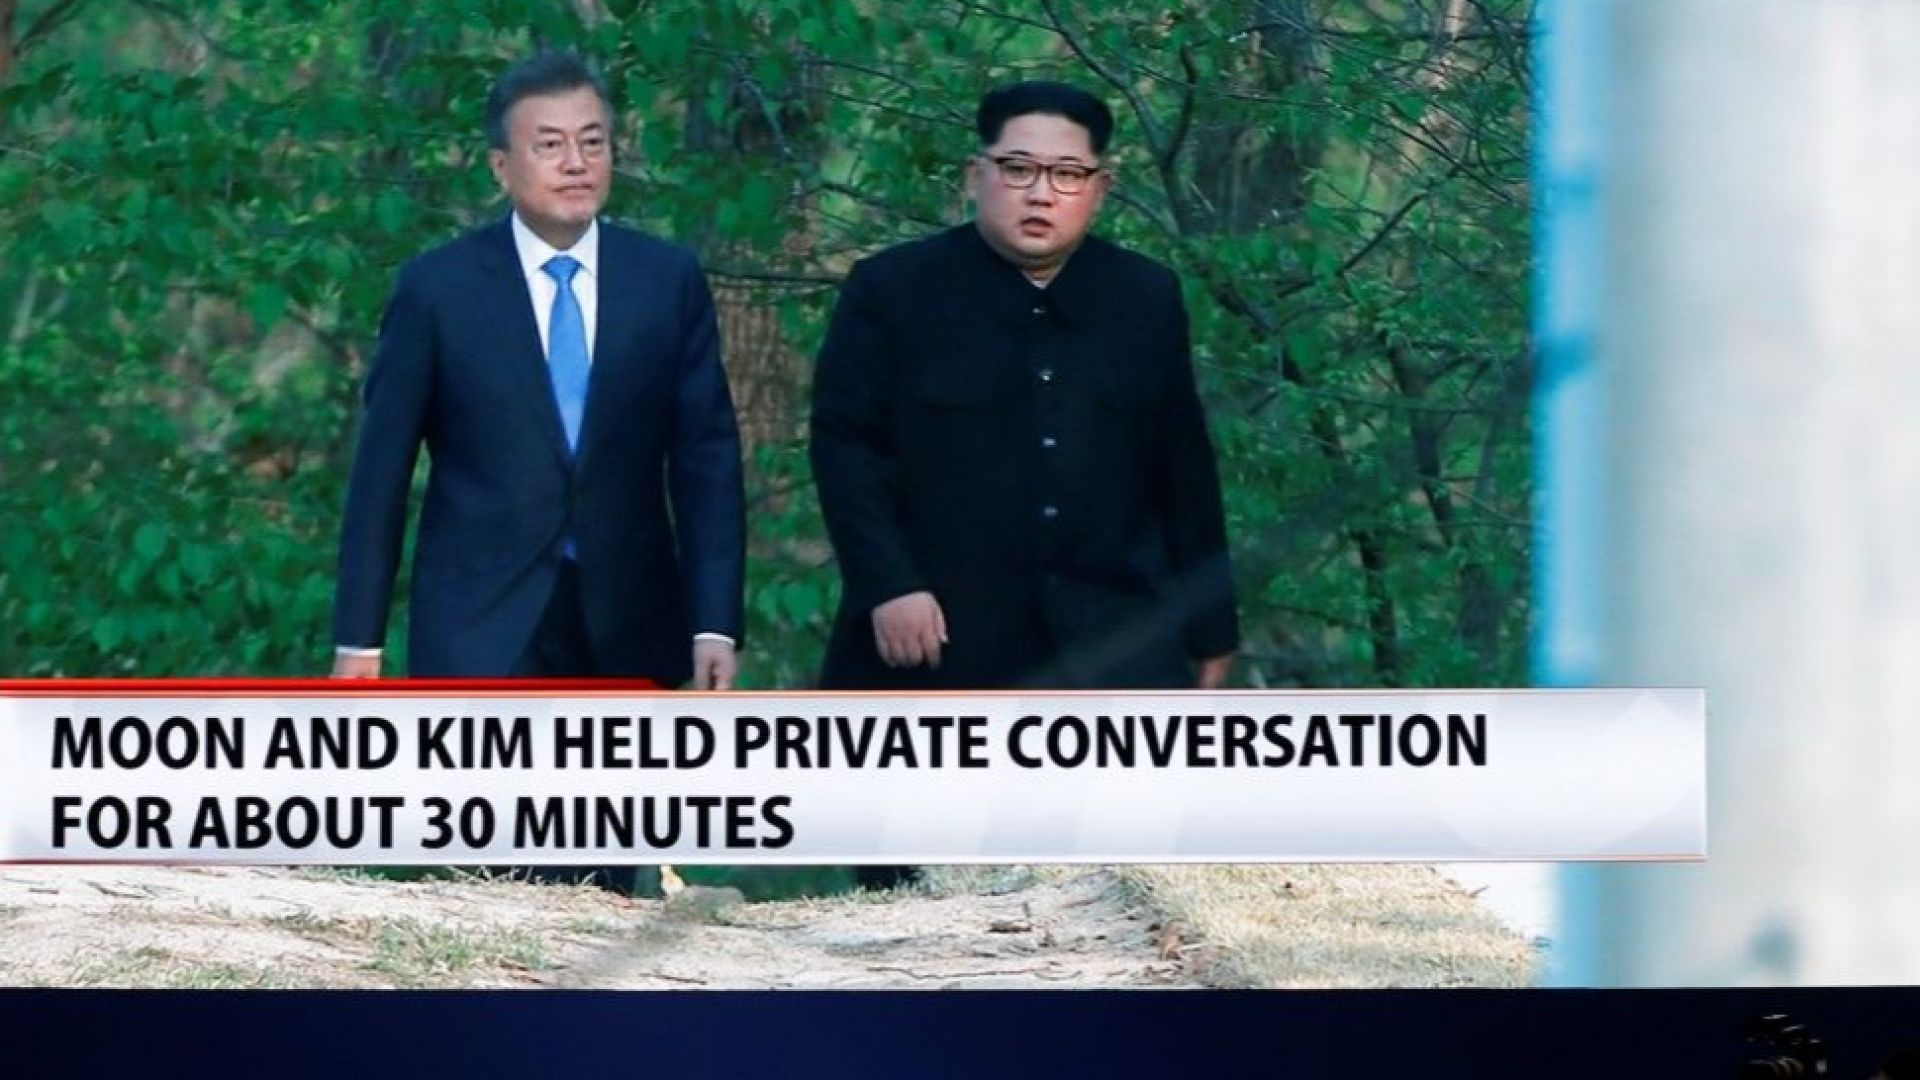 Япония протестира заради спорна карта в менюто на Ким в Южна Корея